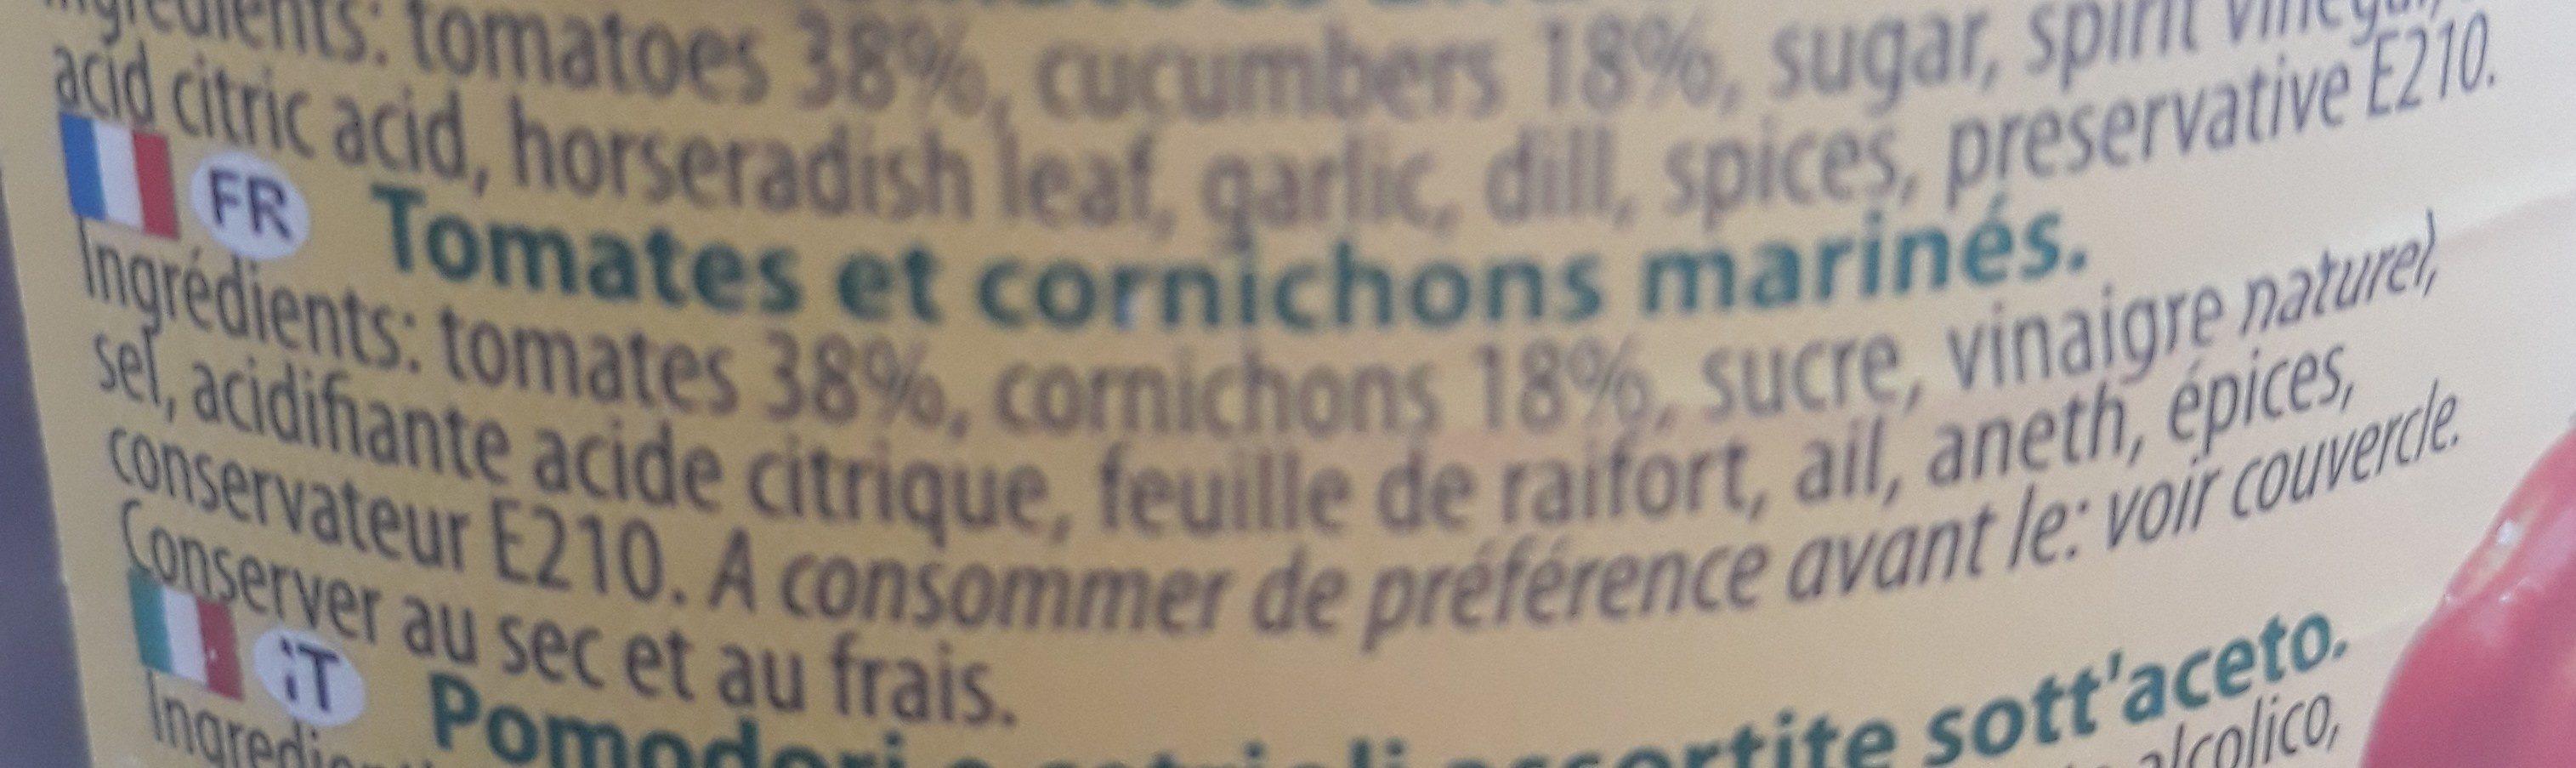 Assorti Cornichons et Tomates - Ingrédients - fr